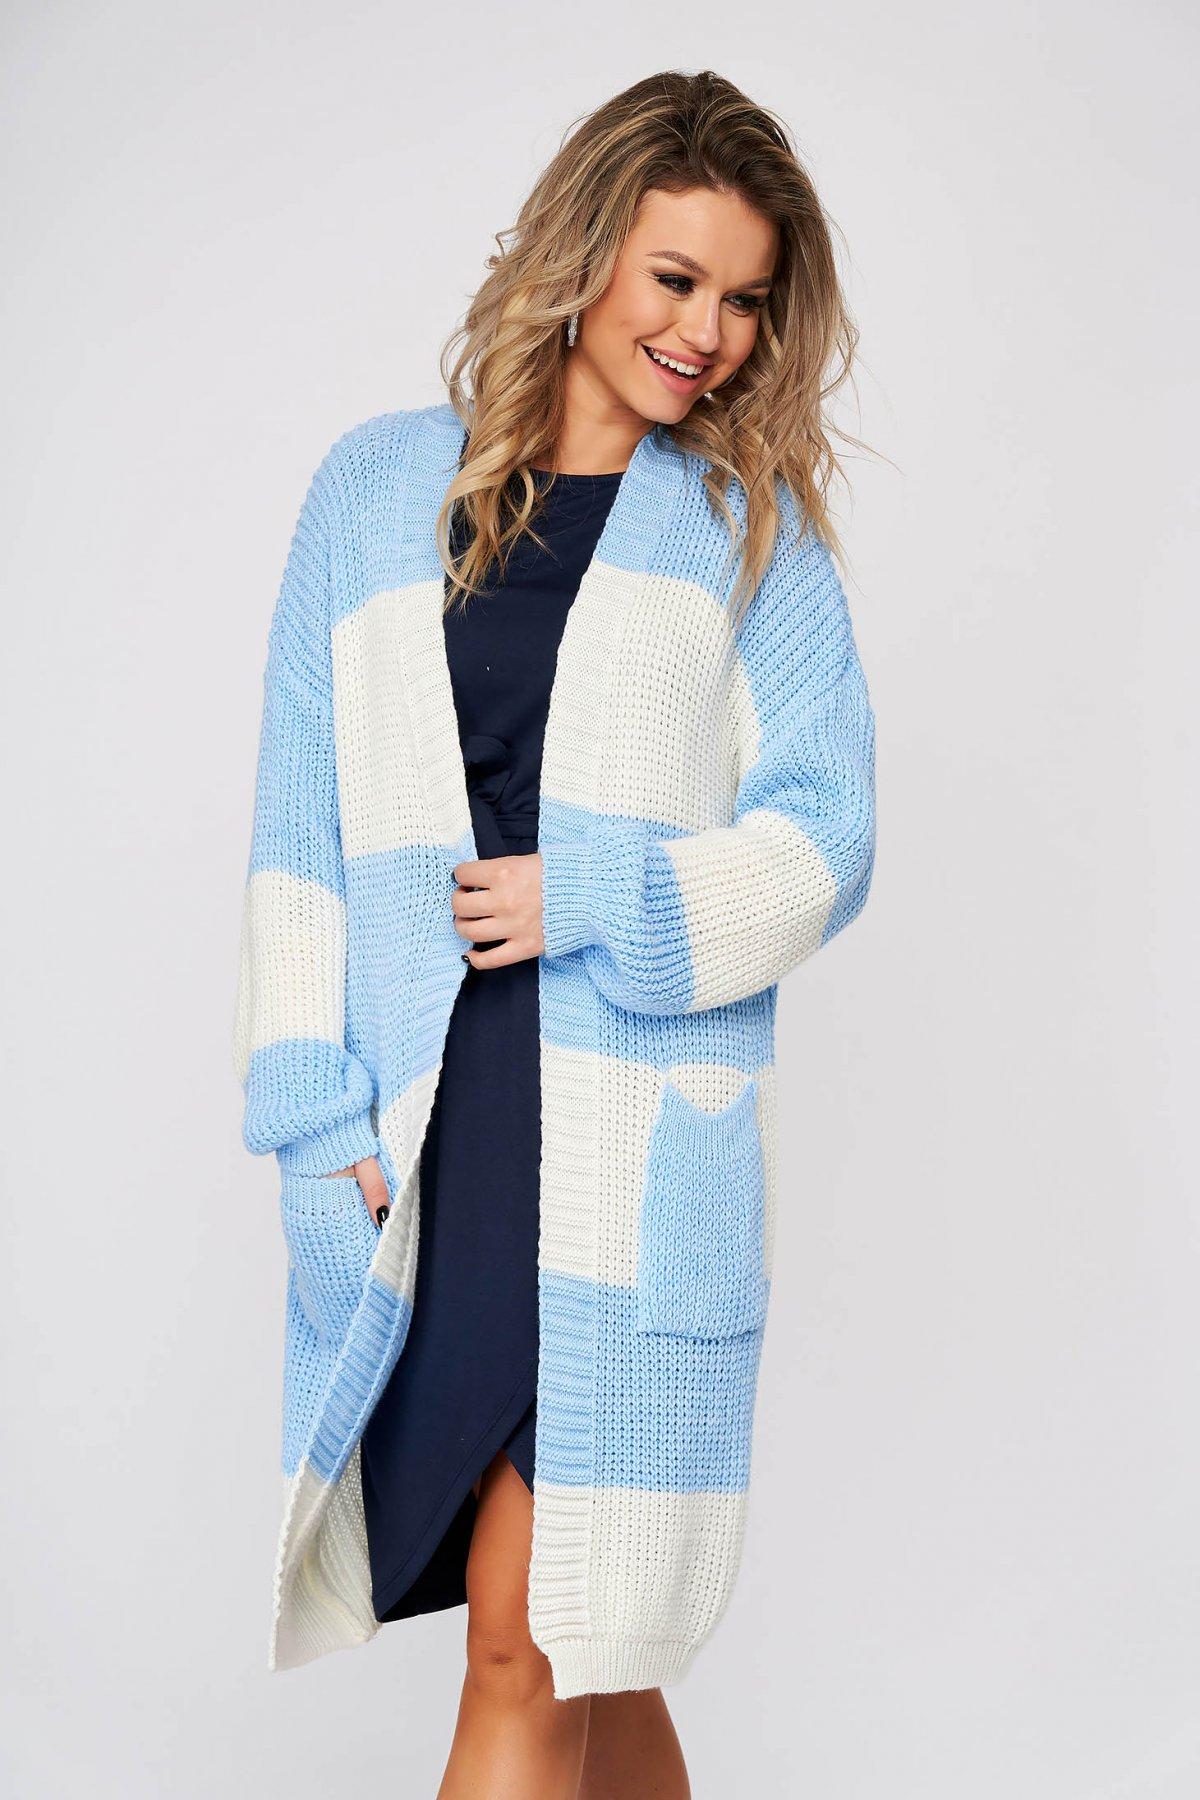 Cardigan SunShine albastru-deschis casual lunga cu croi larg din material tricotat imagine